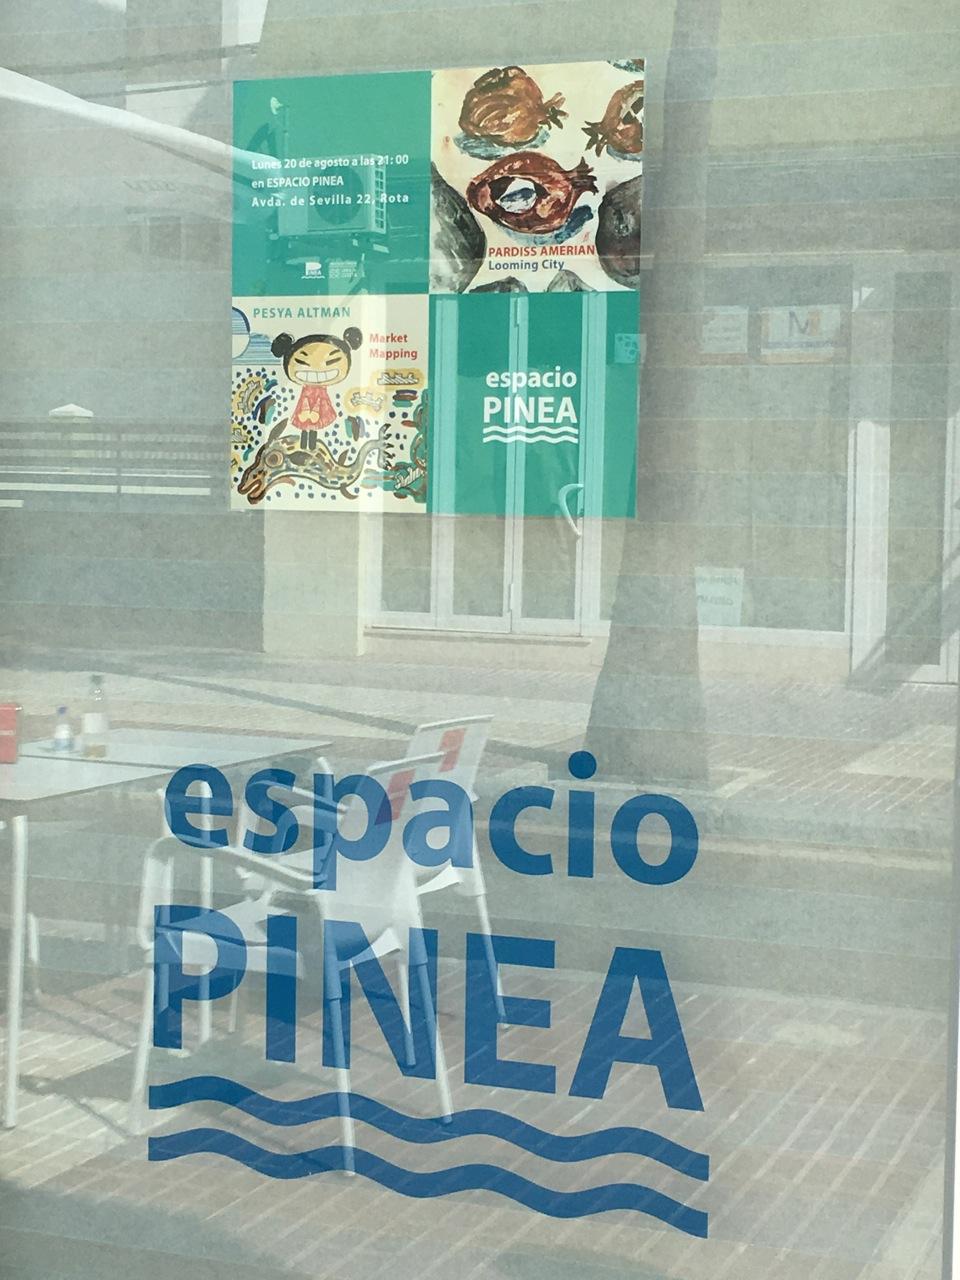 Espacio Pinea, Rota, Spain